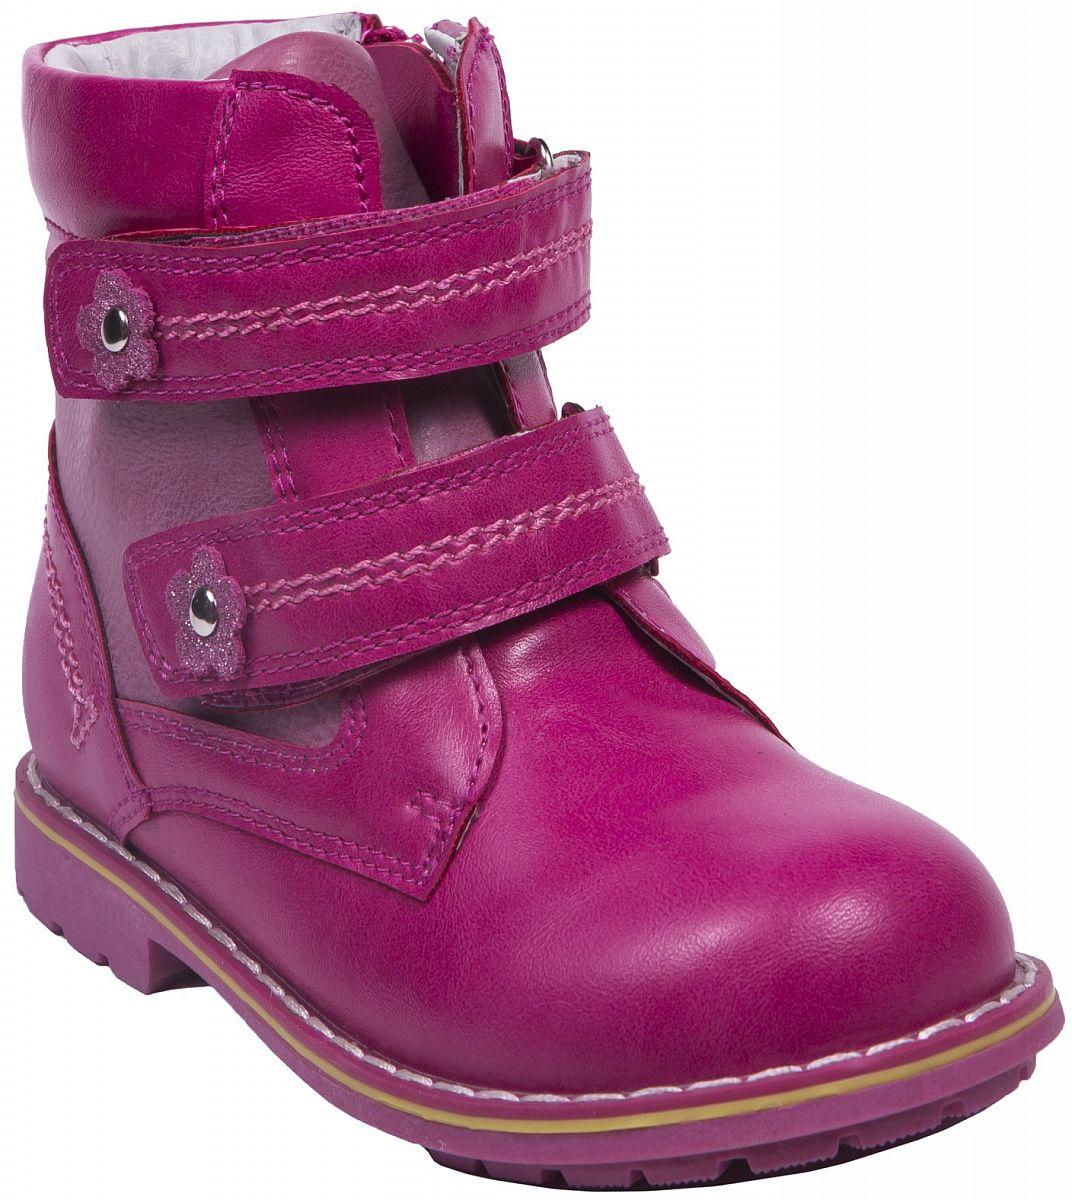 df97908f8 Ботинки демисезонные для девочки Barkito, розовые - купить в Москве: цены в  интернет-магазине Кораблик